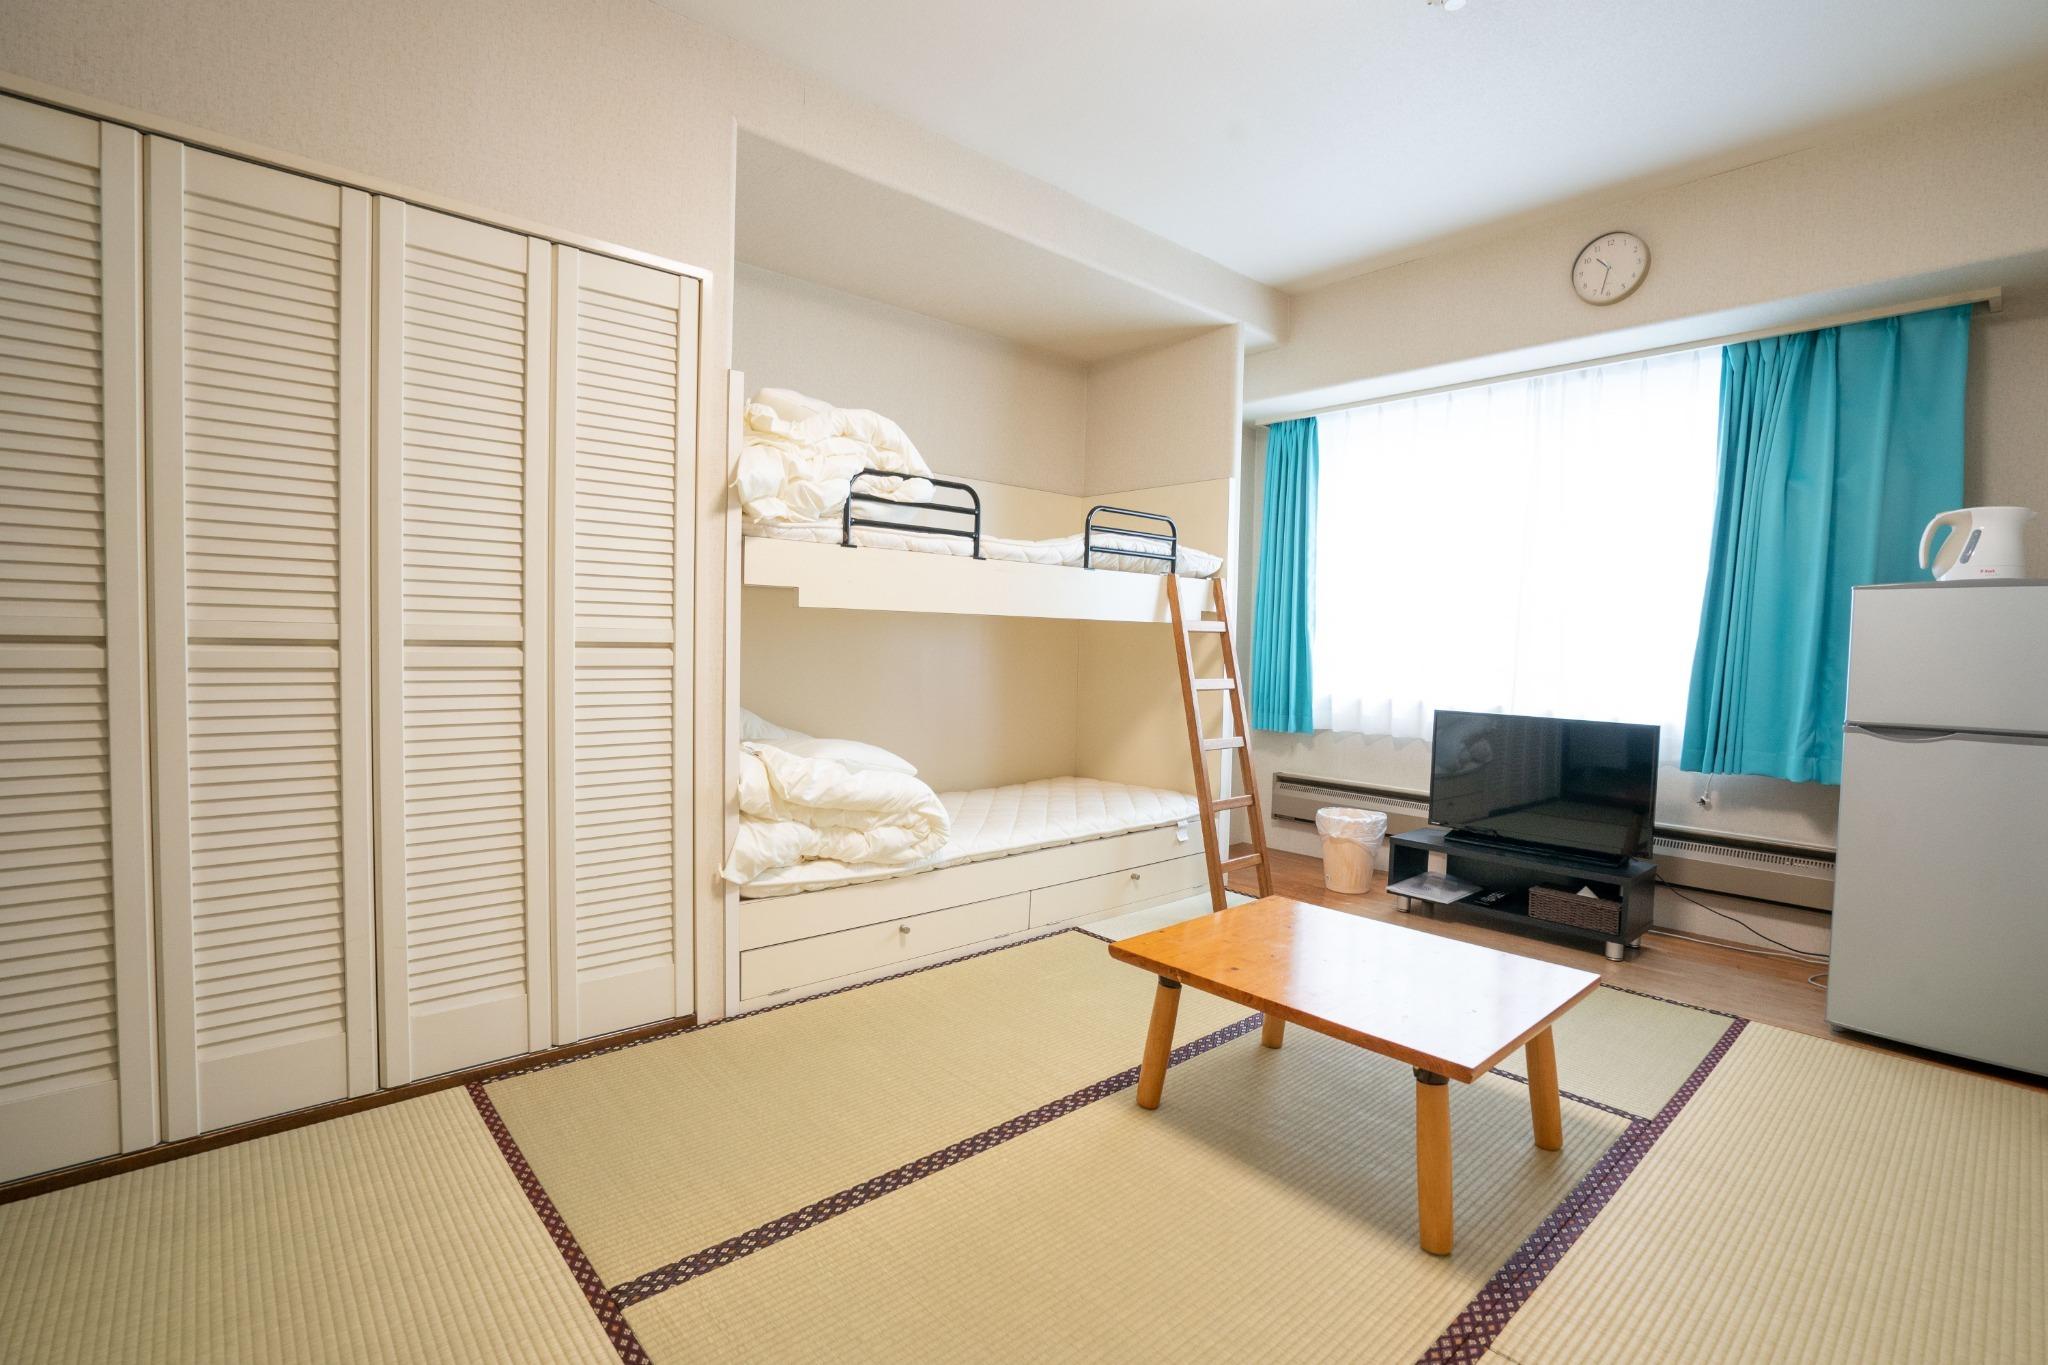 【値下げSALE中】温泉有・Wi-Fi完備・リゾートマンションでごゆっくり【906号室・4名】